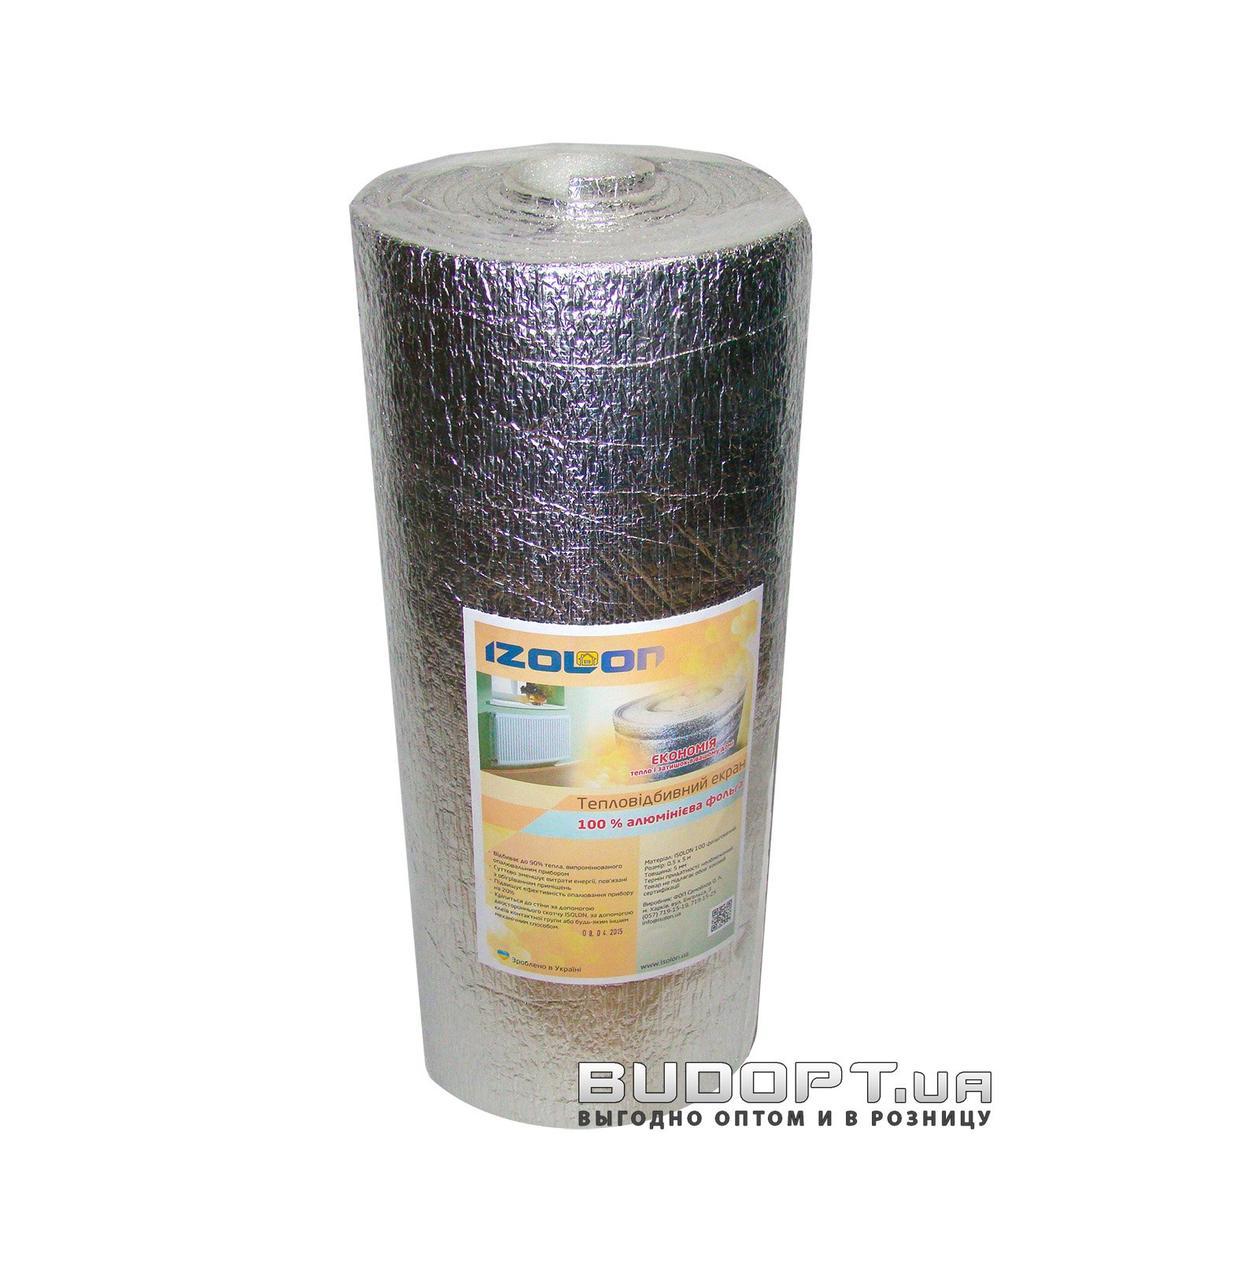 Фольгированный утеплитель, теплоотражающий экран за радиатор отопления (батарею) 45см х 5м х 5мм - optom24.com.ua - оптовый интернет магазин в Одессе